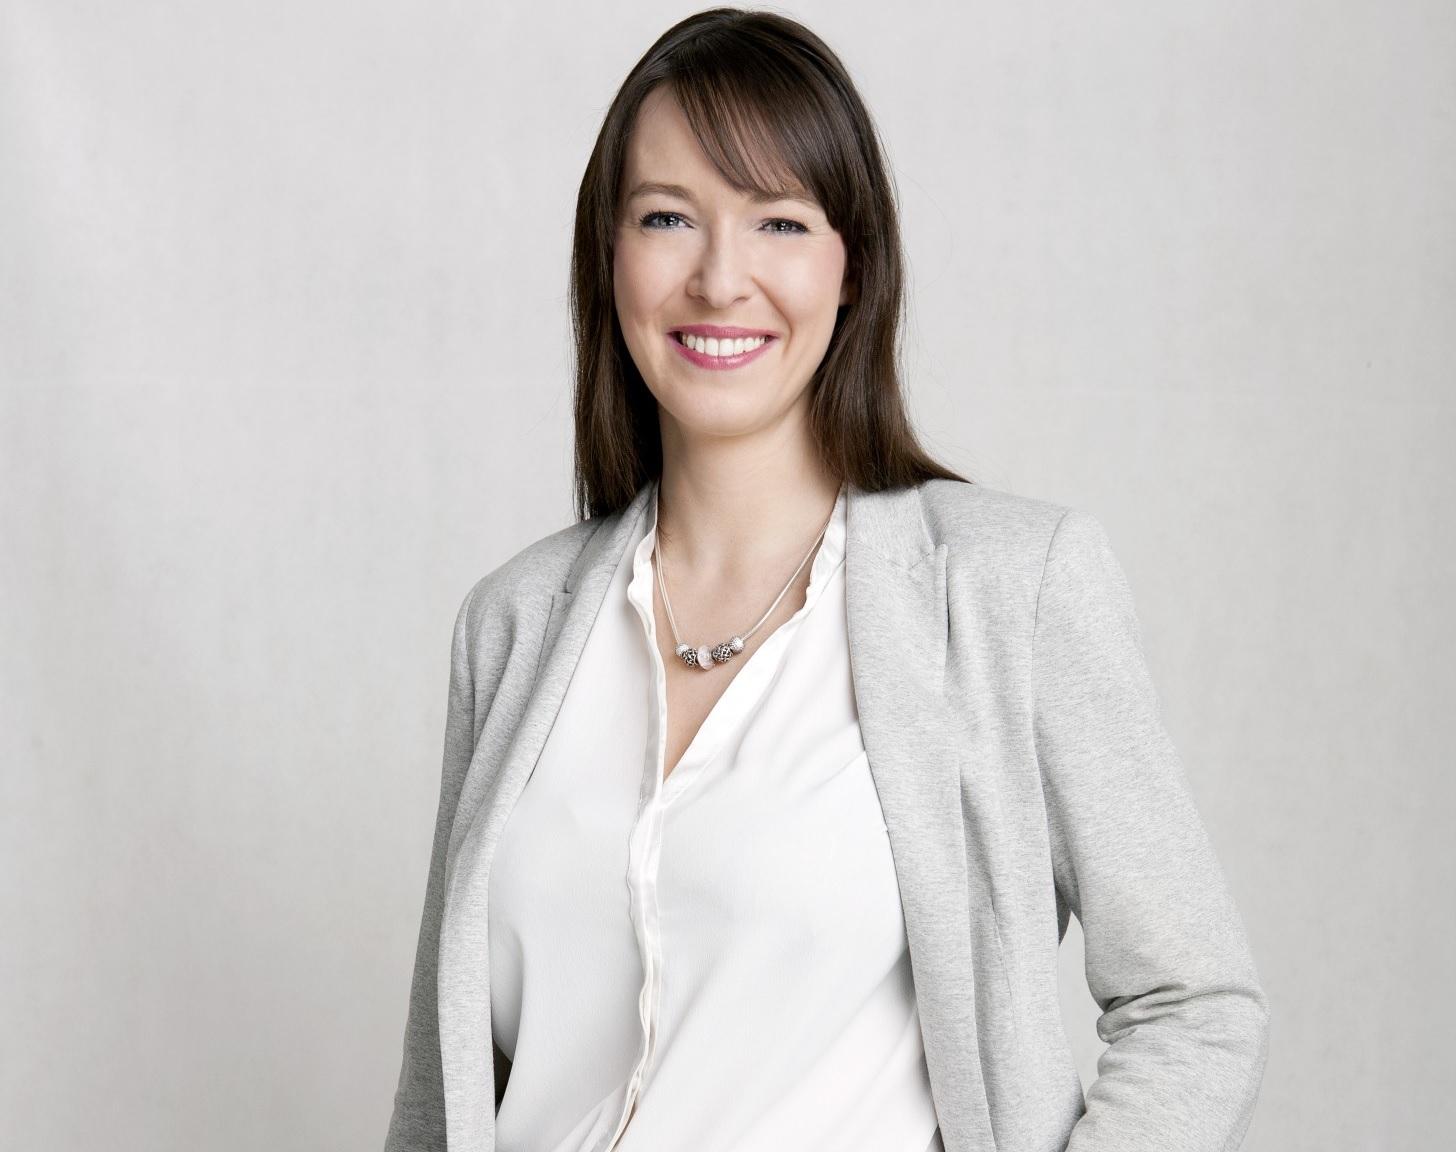 - Wprowadzenie elastycznego modelu pracy to nie tylko kwestia dobrej woli osób zarządzających zespołami - mówi Zuzanna Mikołajczyk (fot.mat.pras.)